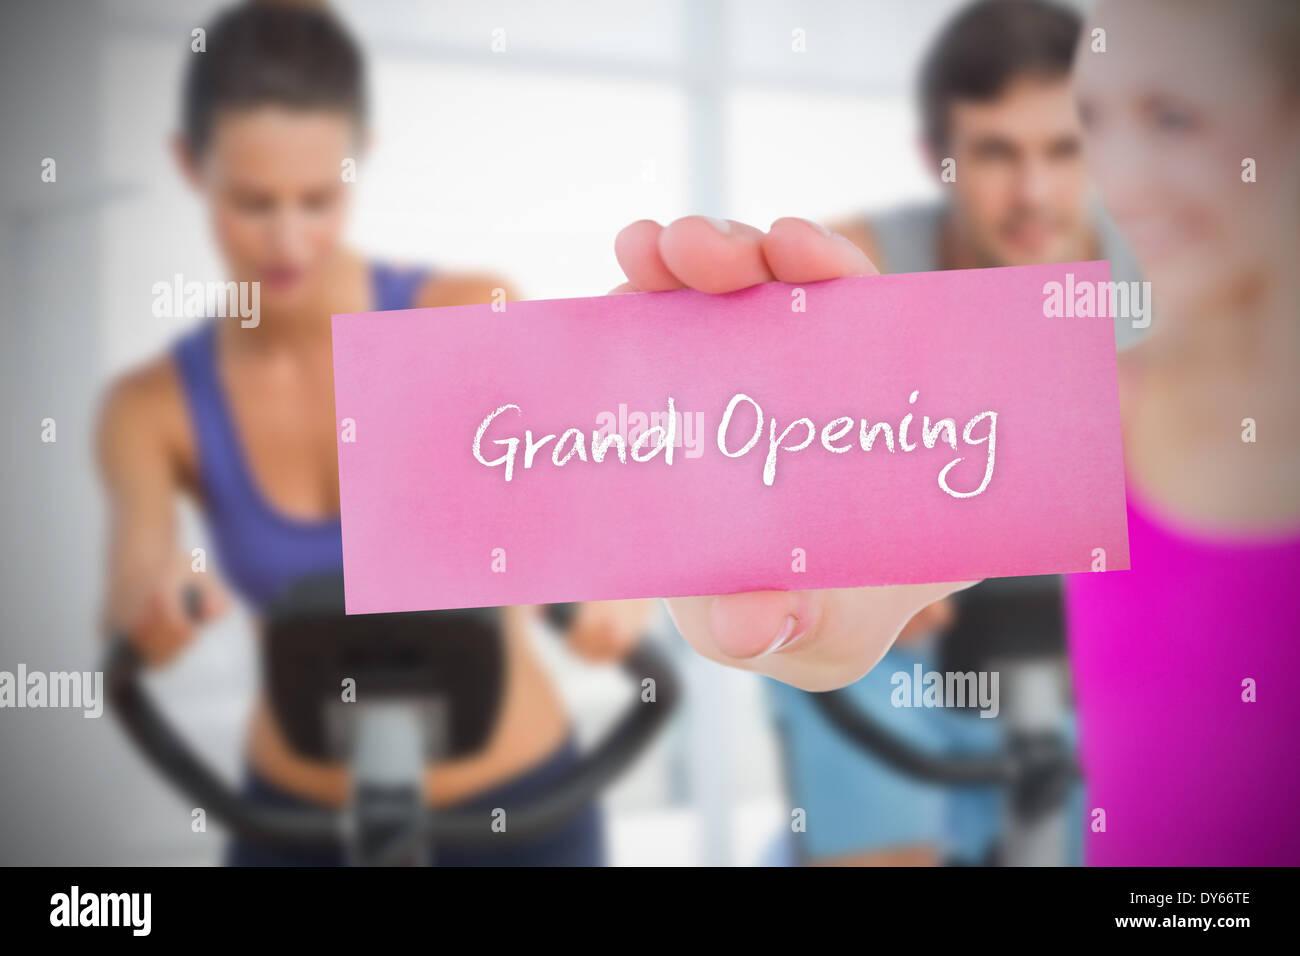 Fit Blondine hält Karte Spruch Eröffnung Stockbild